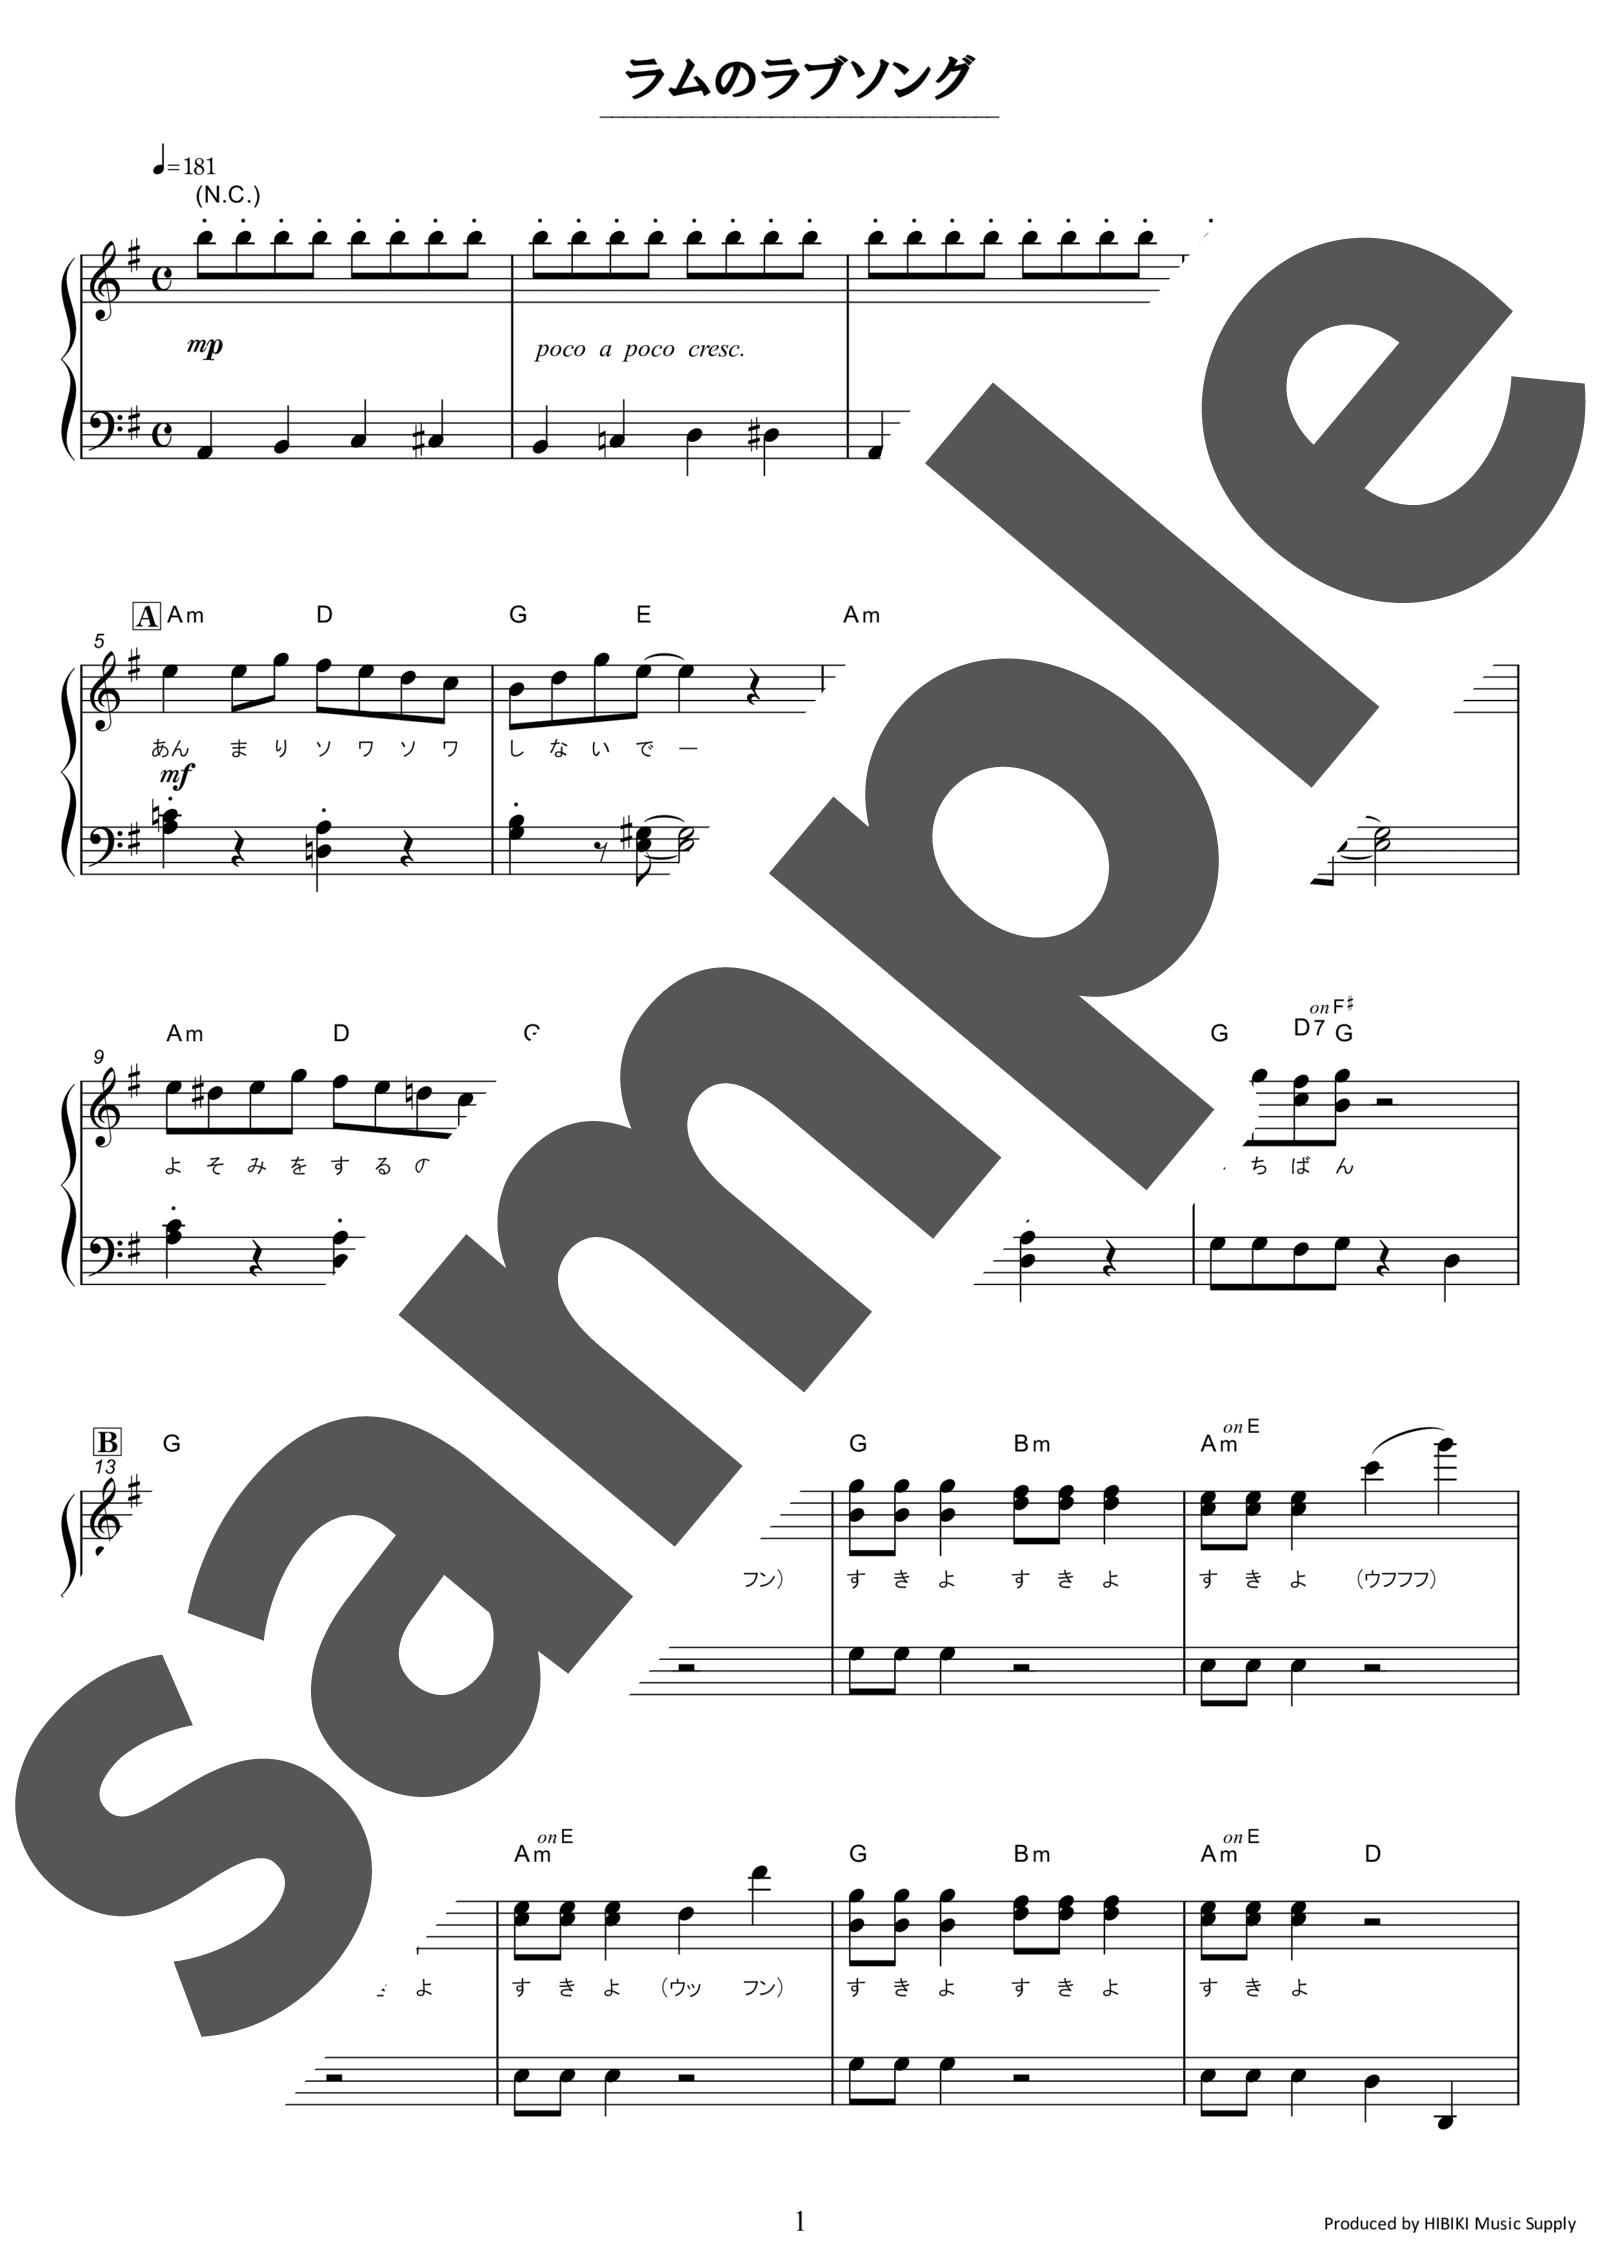 「ラムのラブソング」のサンプル楽譜